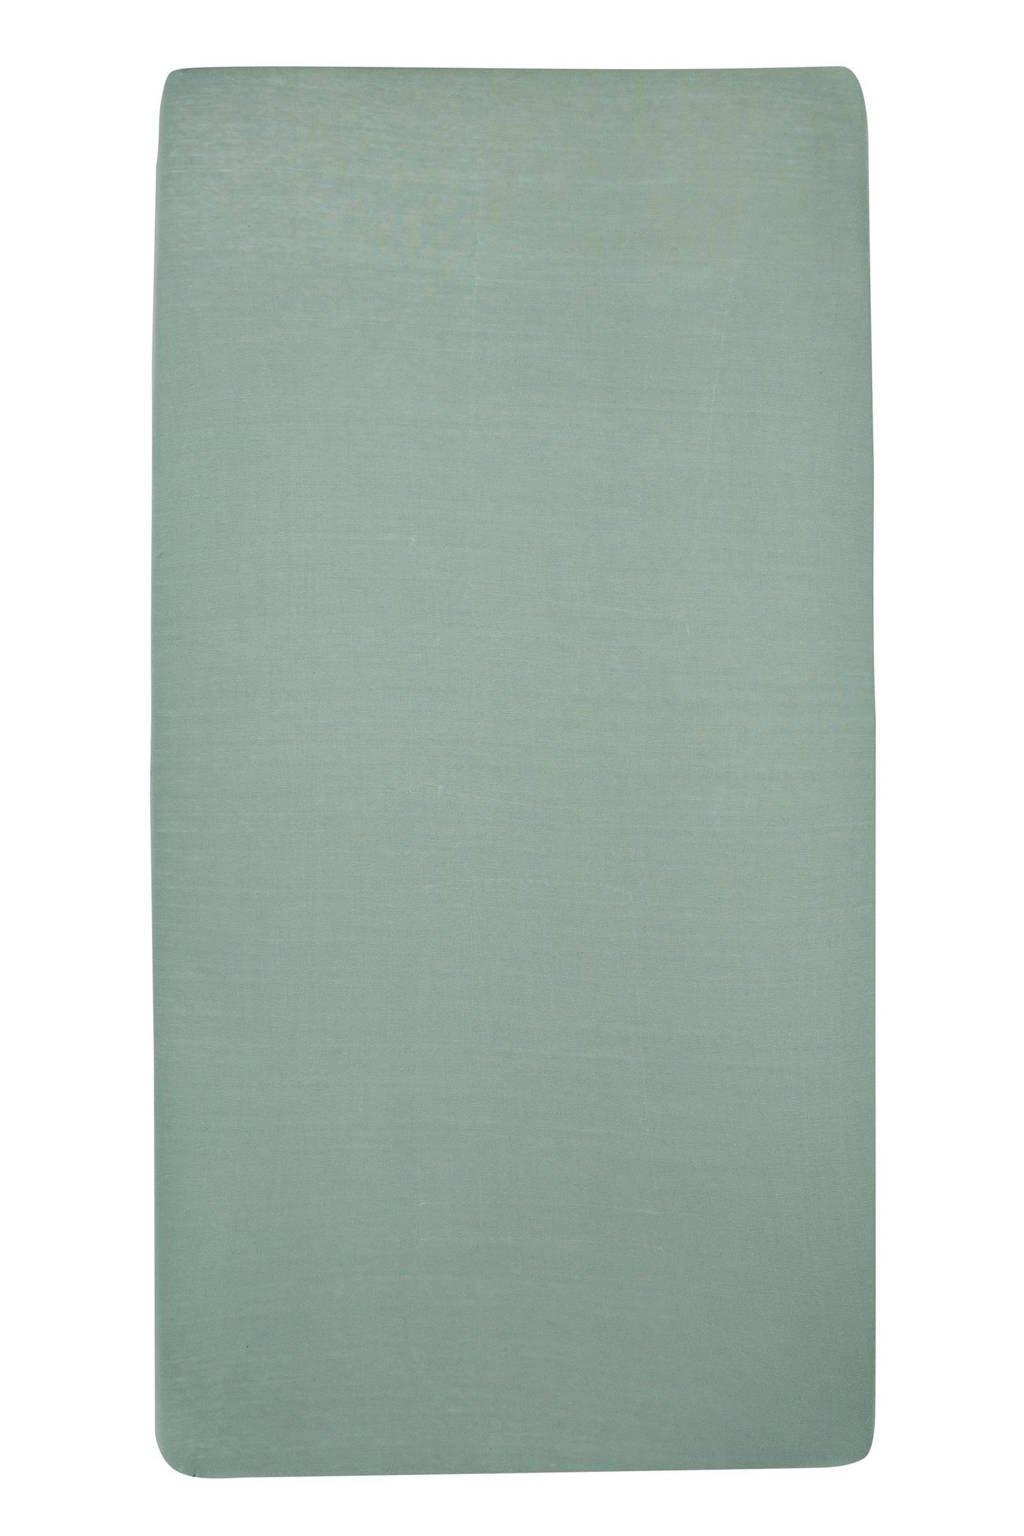 Meyco jersey hoeslaken wieg 40x80/90 cm, Stone Green